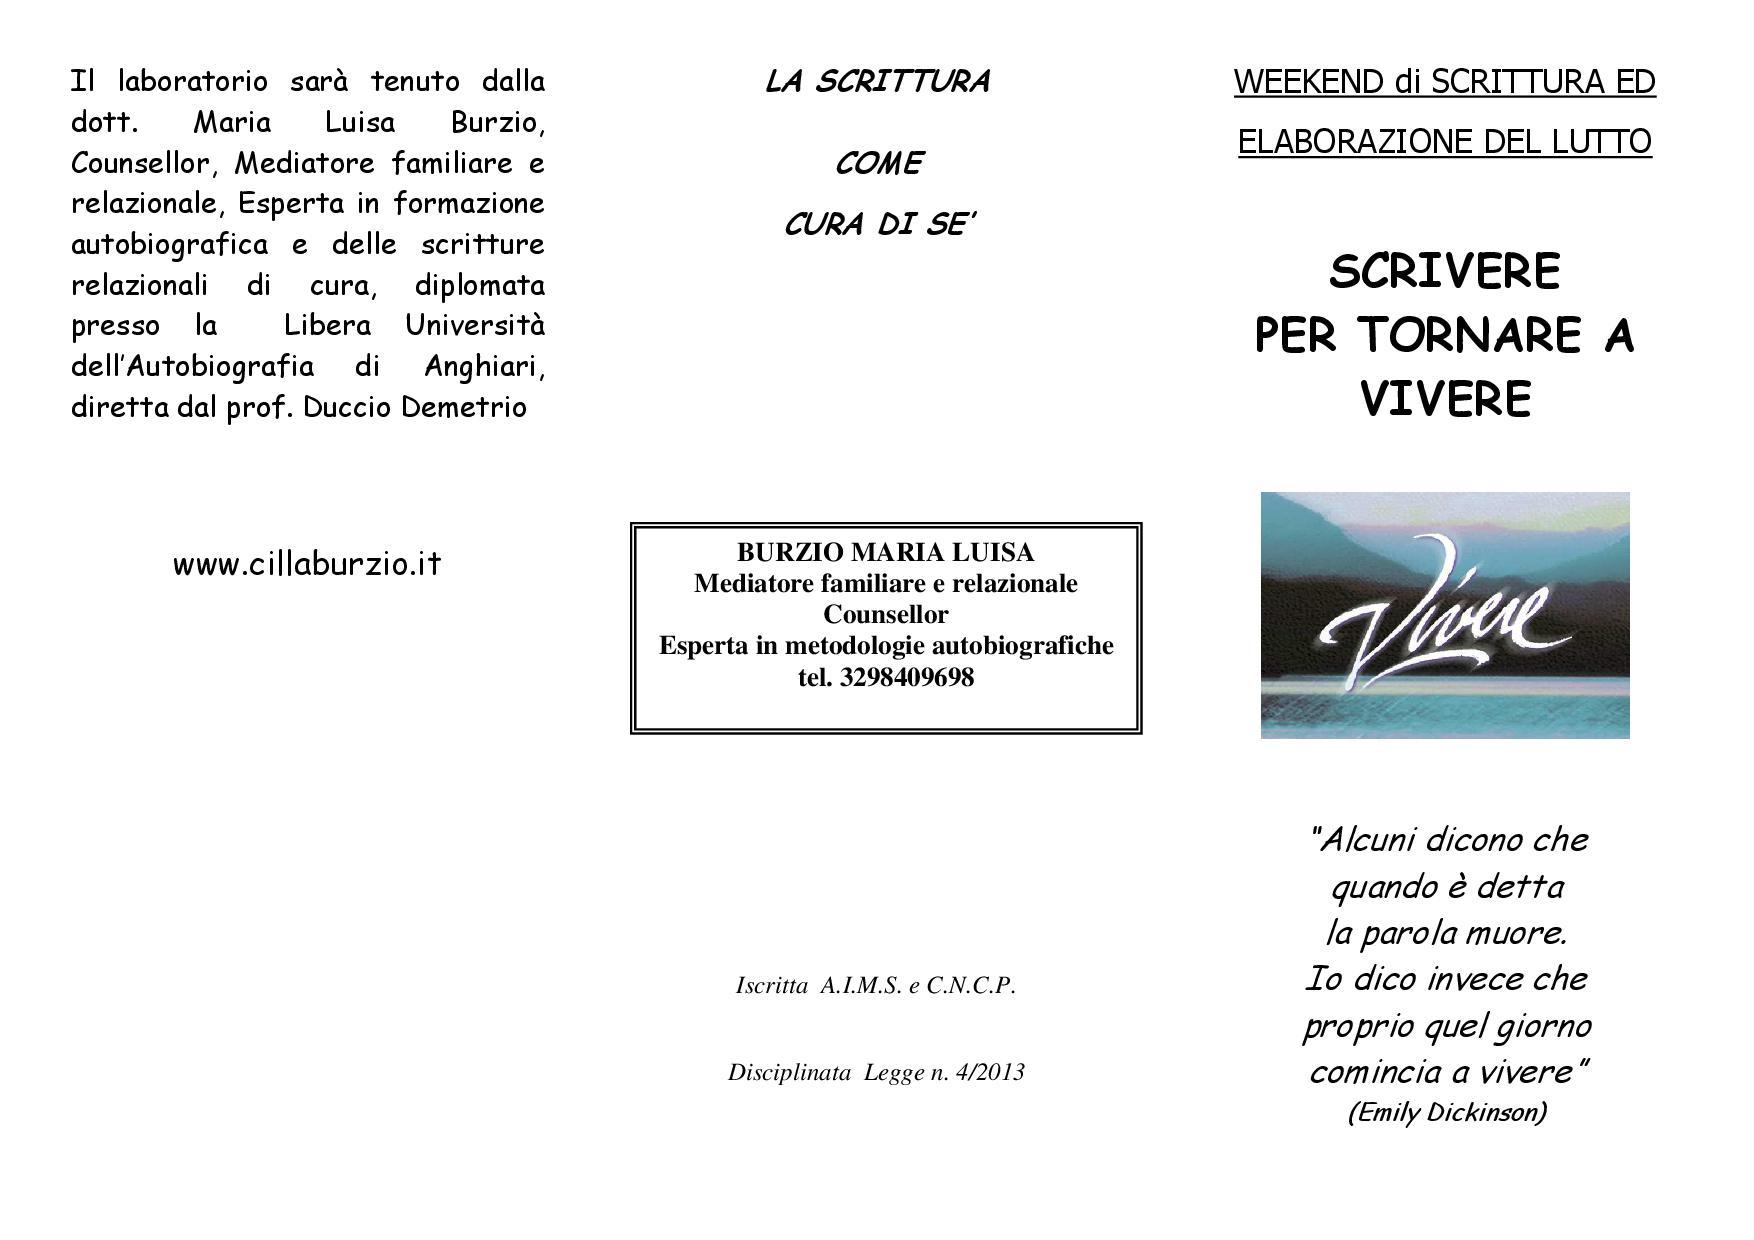 PIEGHEVOLE SCRITTURA E LUTTO Genova 2016-001